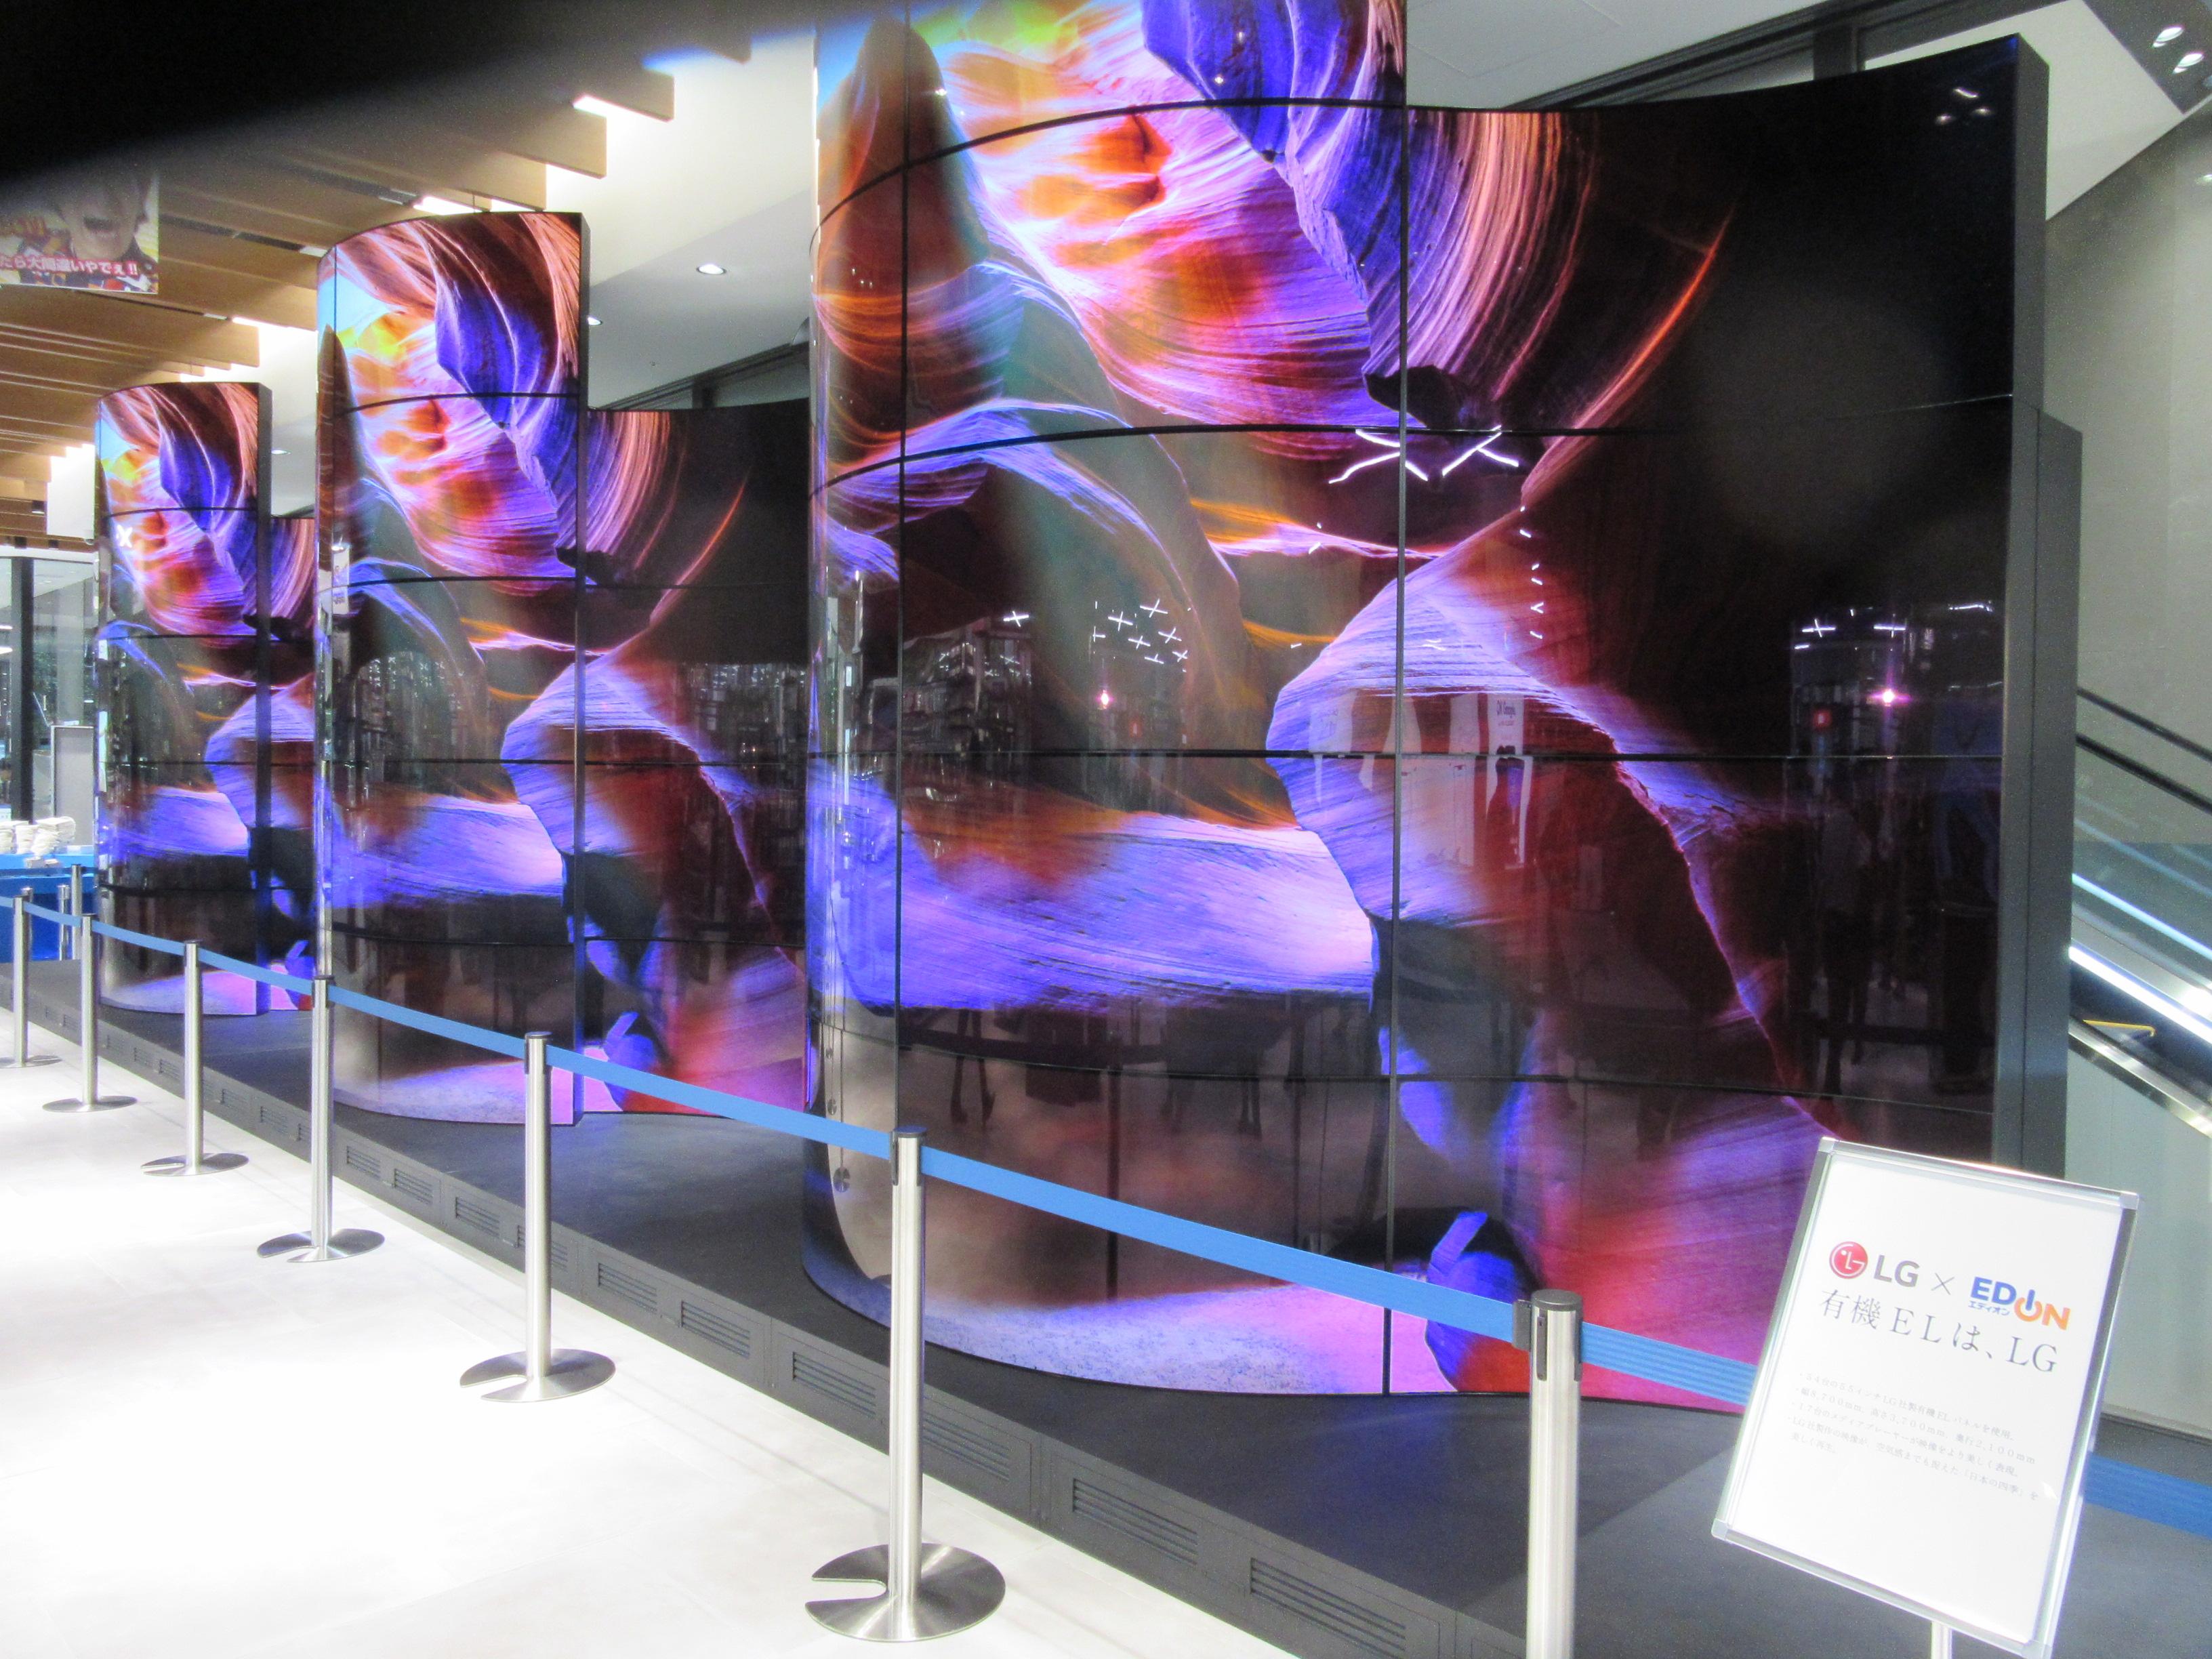 メインエントランスを入ると、LGの有機ELパネルによるサイネージを設置。55インチ×54枚で日本最大サイズという